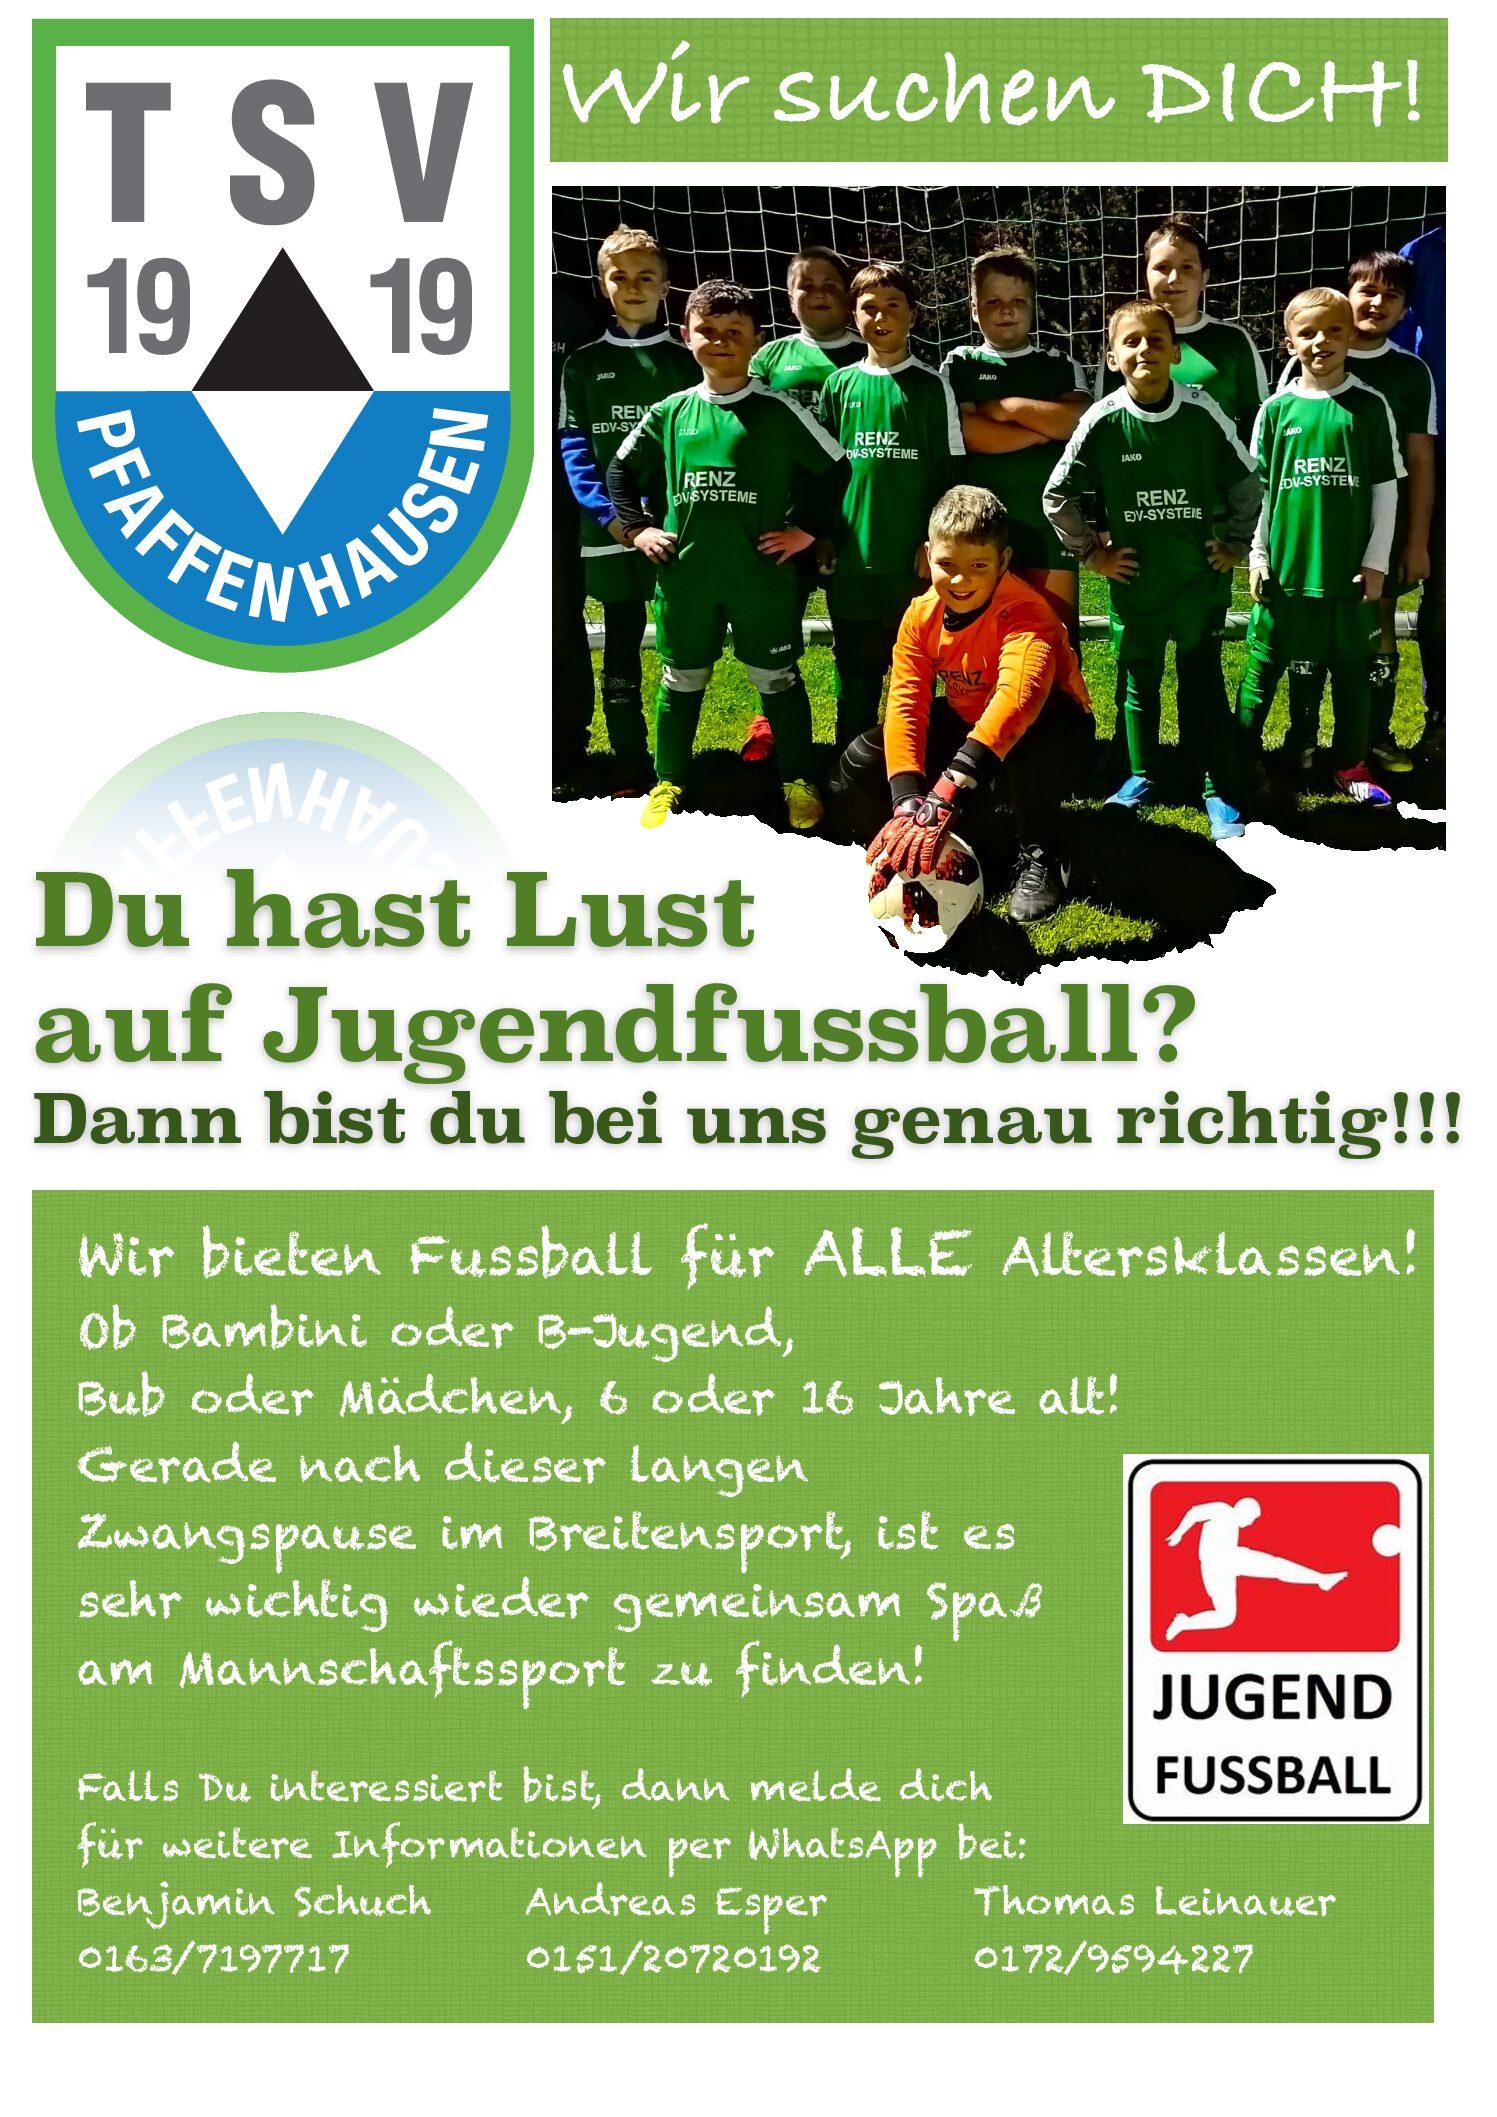 Die D-Jugend befindet sich in der Saison 21/22 in einer SG mit dem SV Breitenbrunn